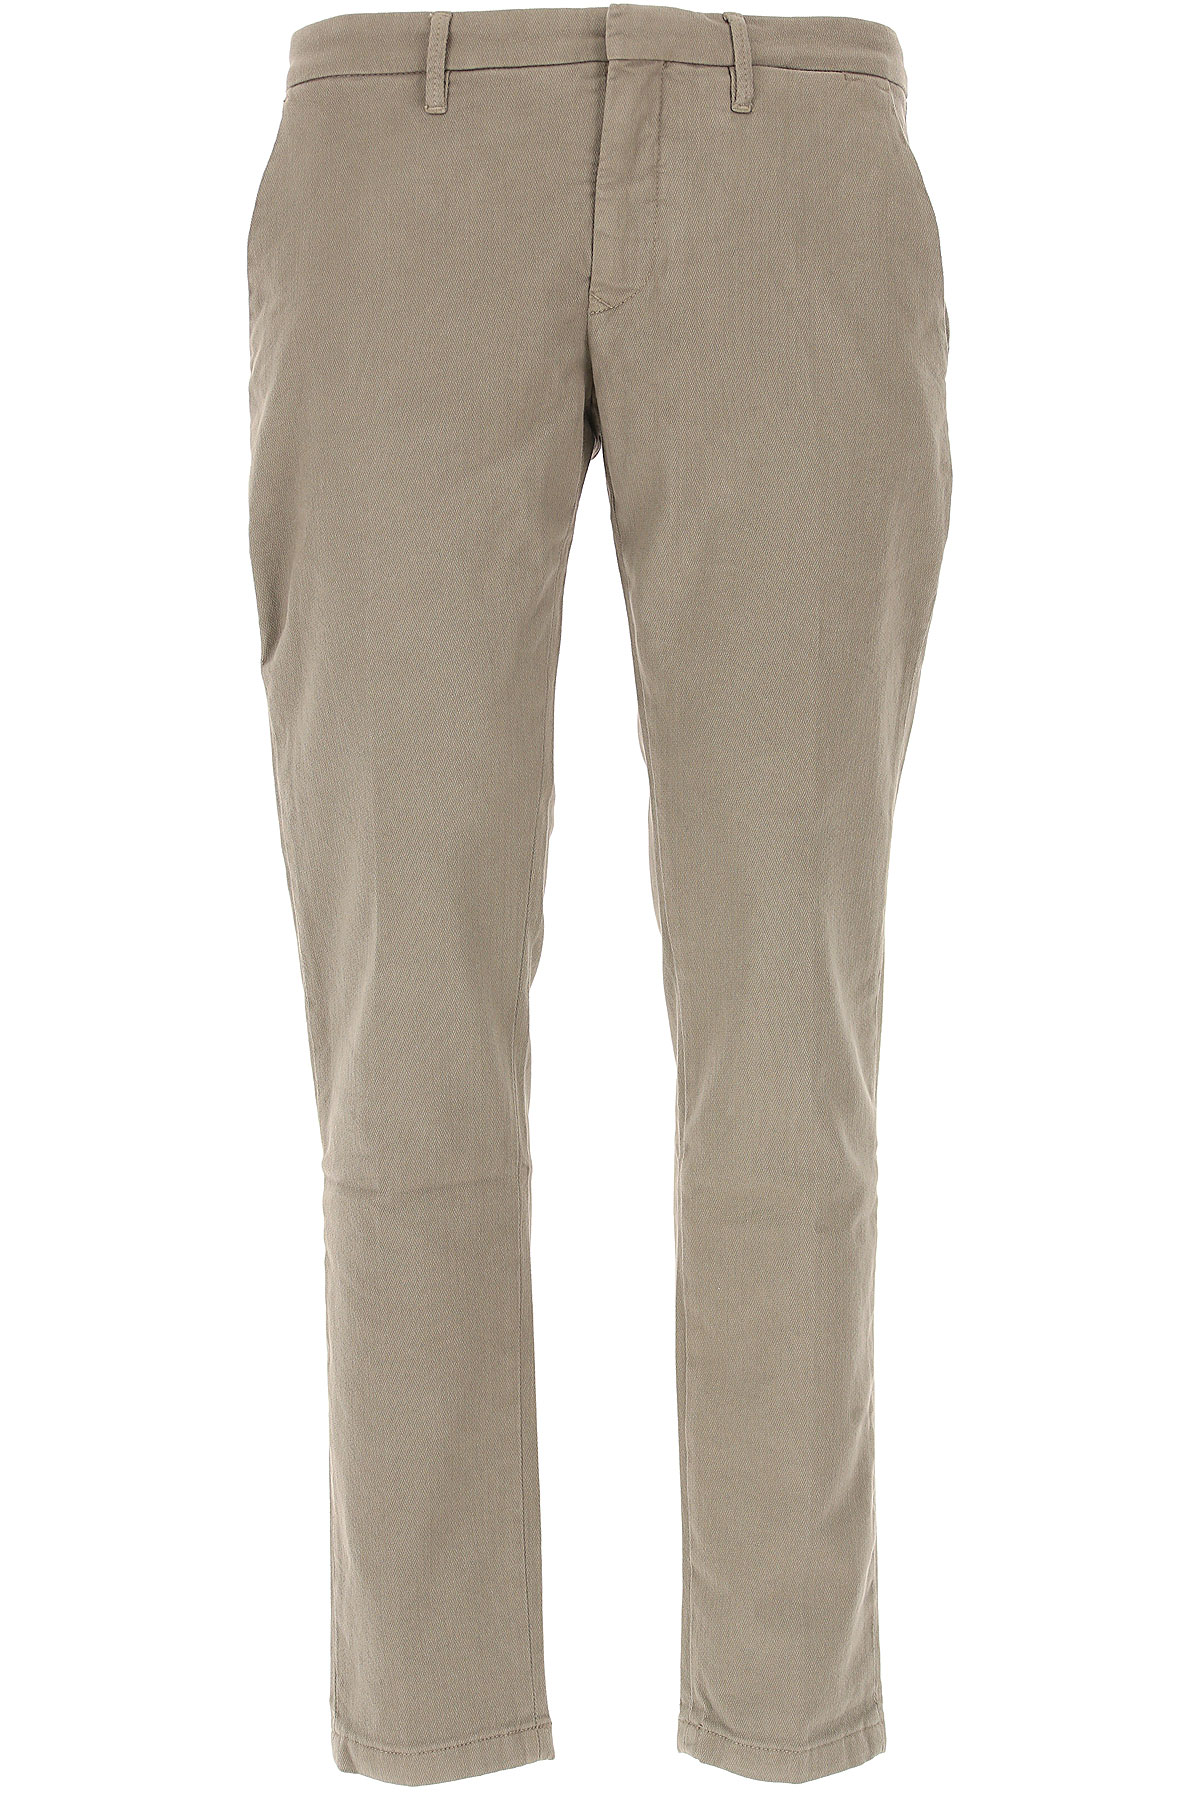 シビリア パンツ 男性用 メンズ セール, ベージュ, コットン, 2017, 84 86.5 89 91.5